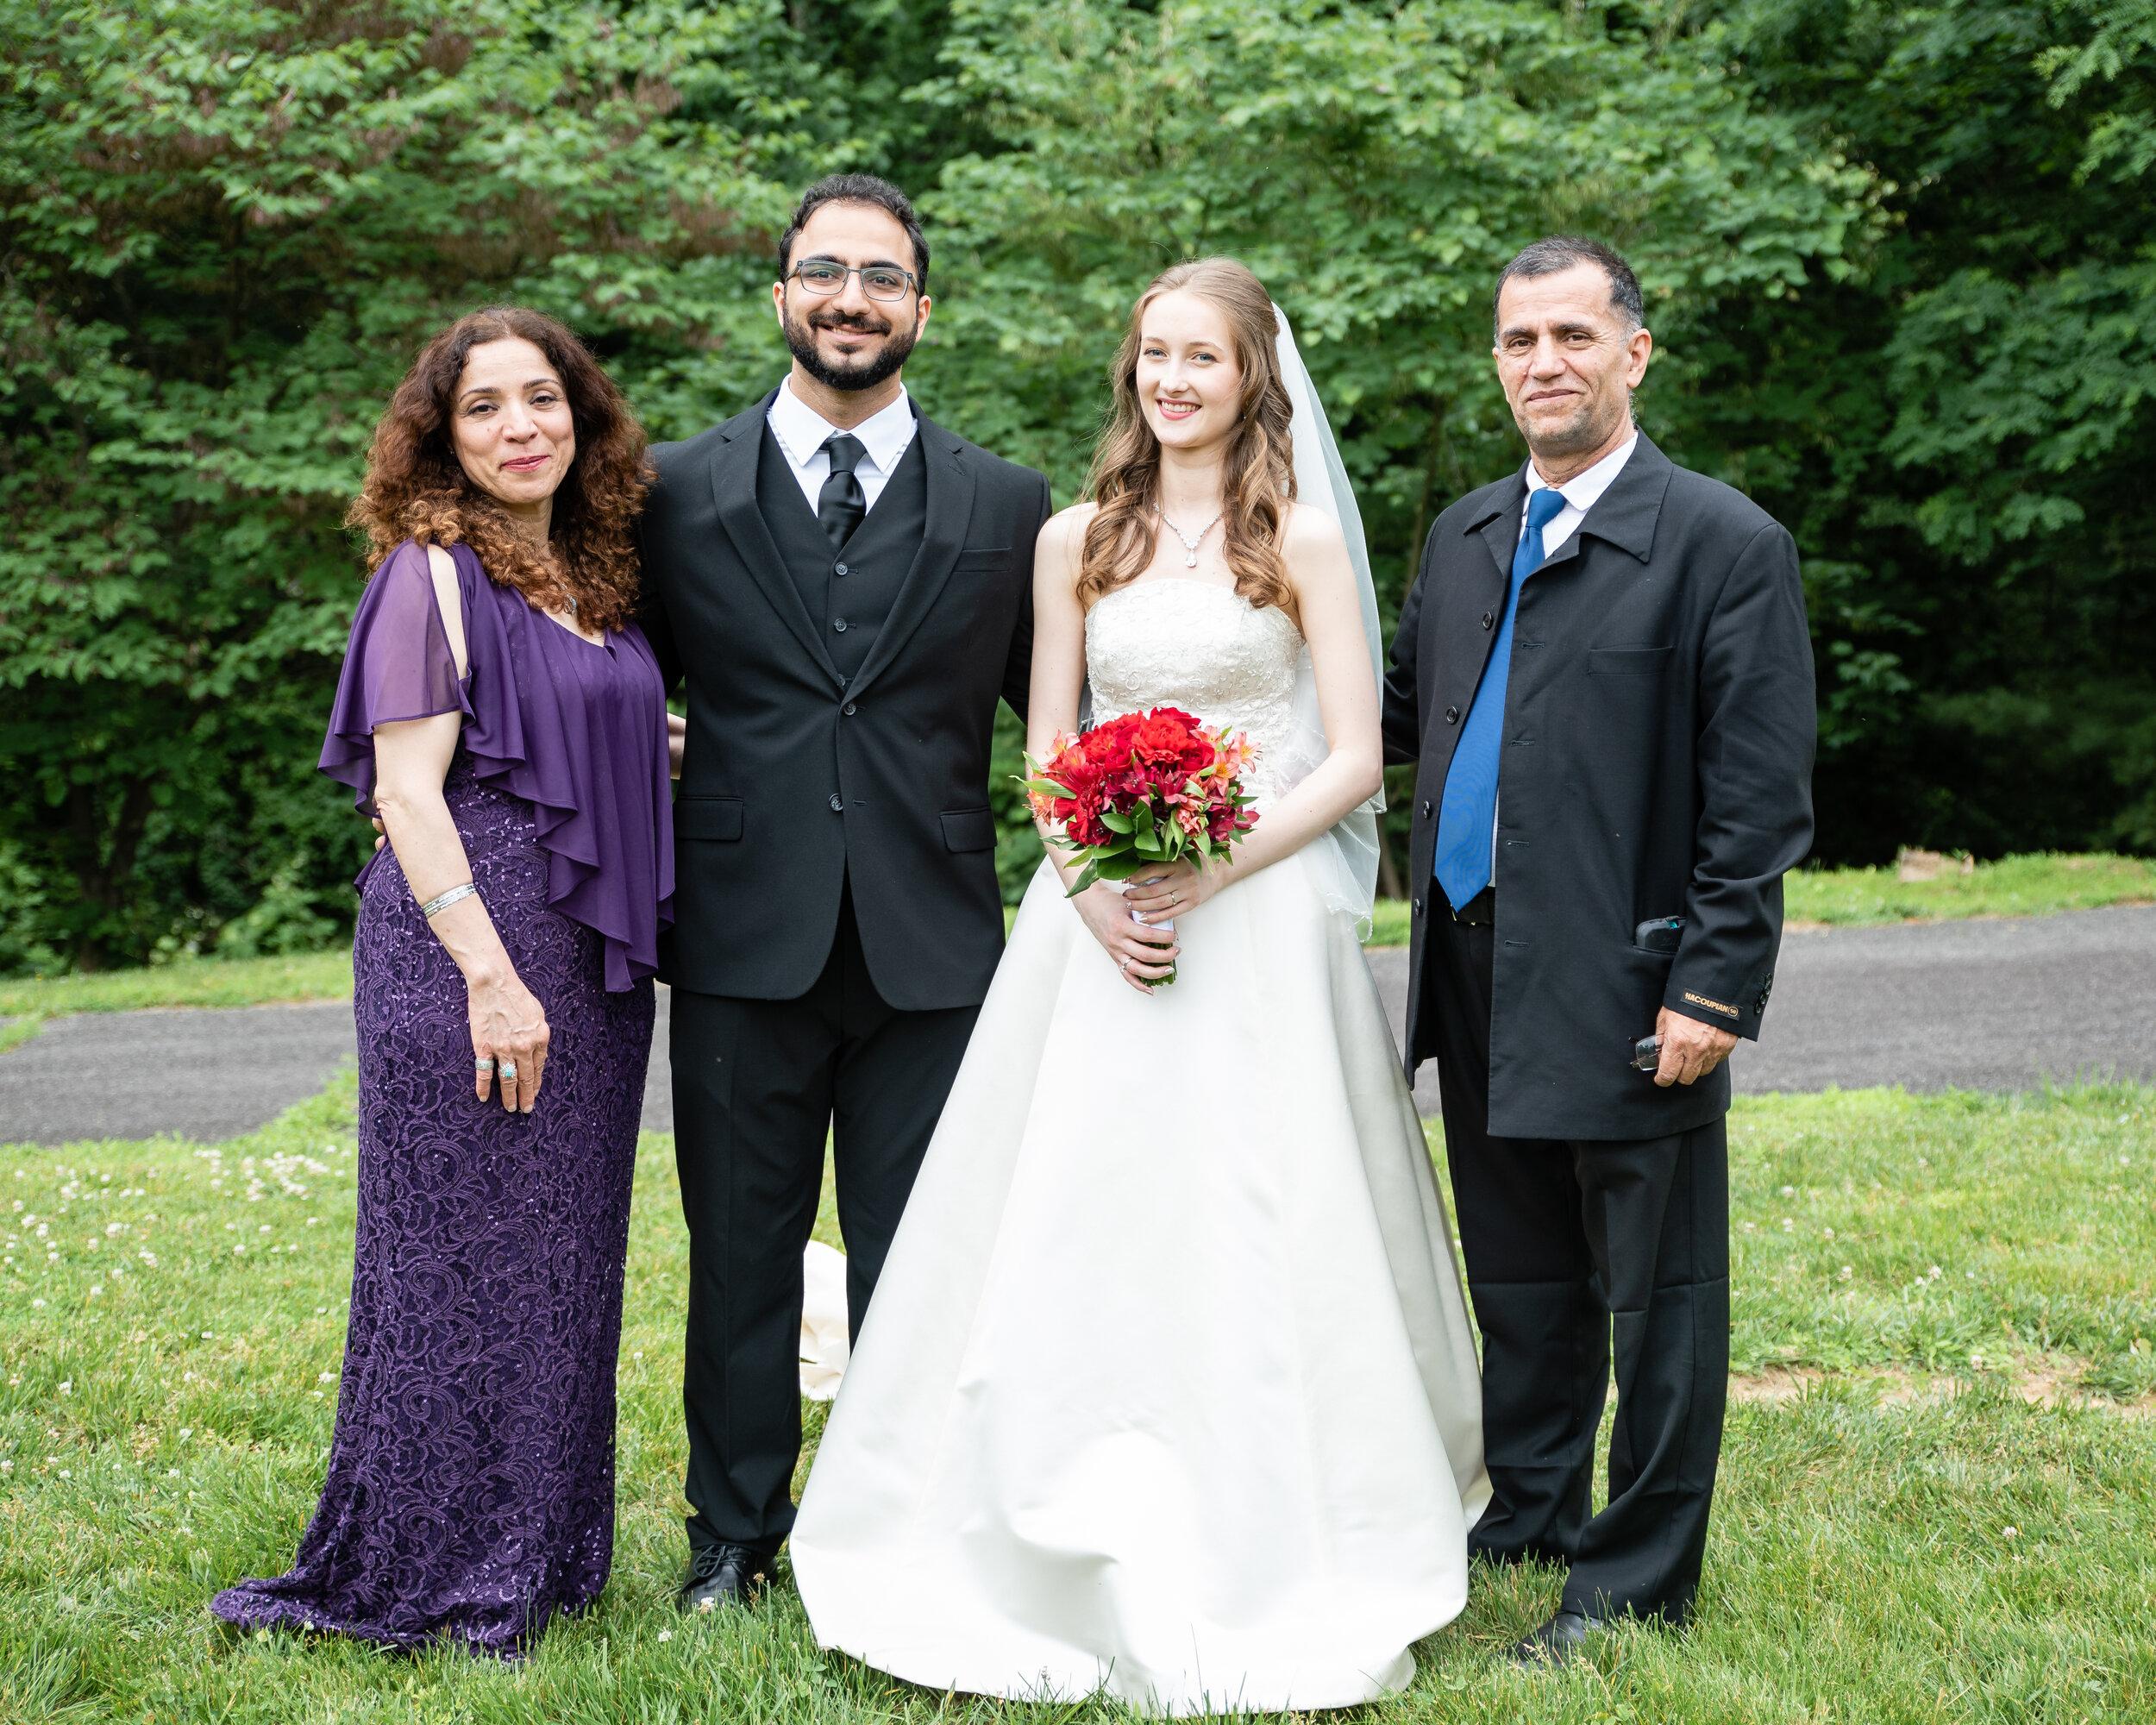 Kaitlyn-Davood-Wedding_7June2019-48.jpg